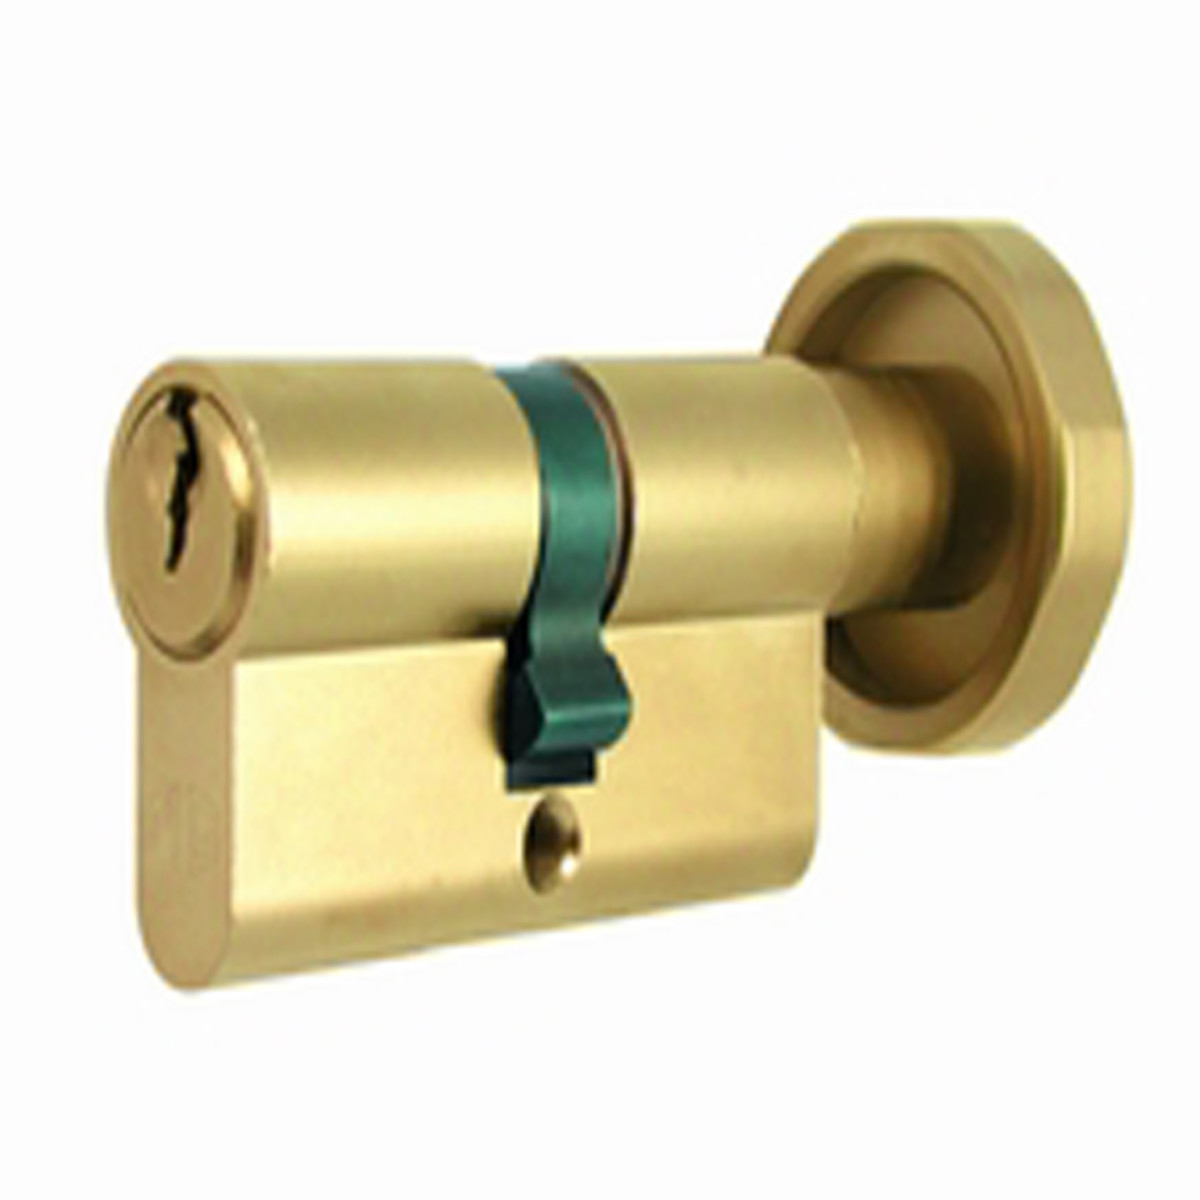 Cisa cilindro europeo astral 30 50 prezzo e offerte - Cilindro europeo cisa 5 chiavi ...